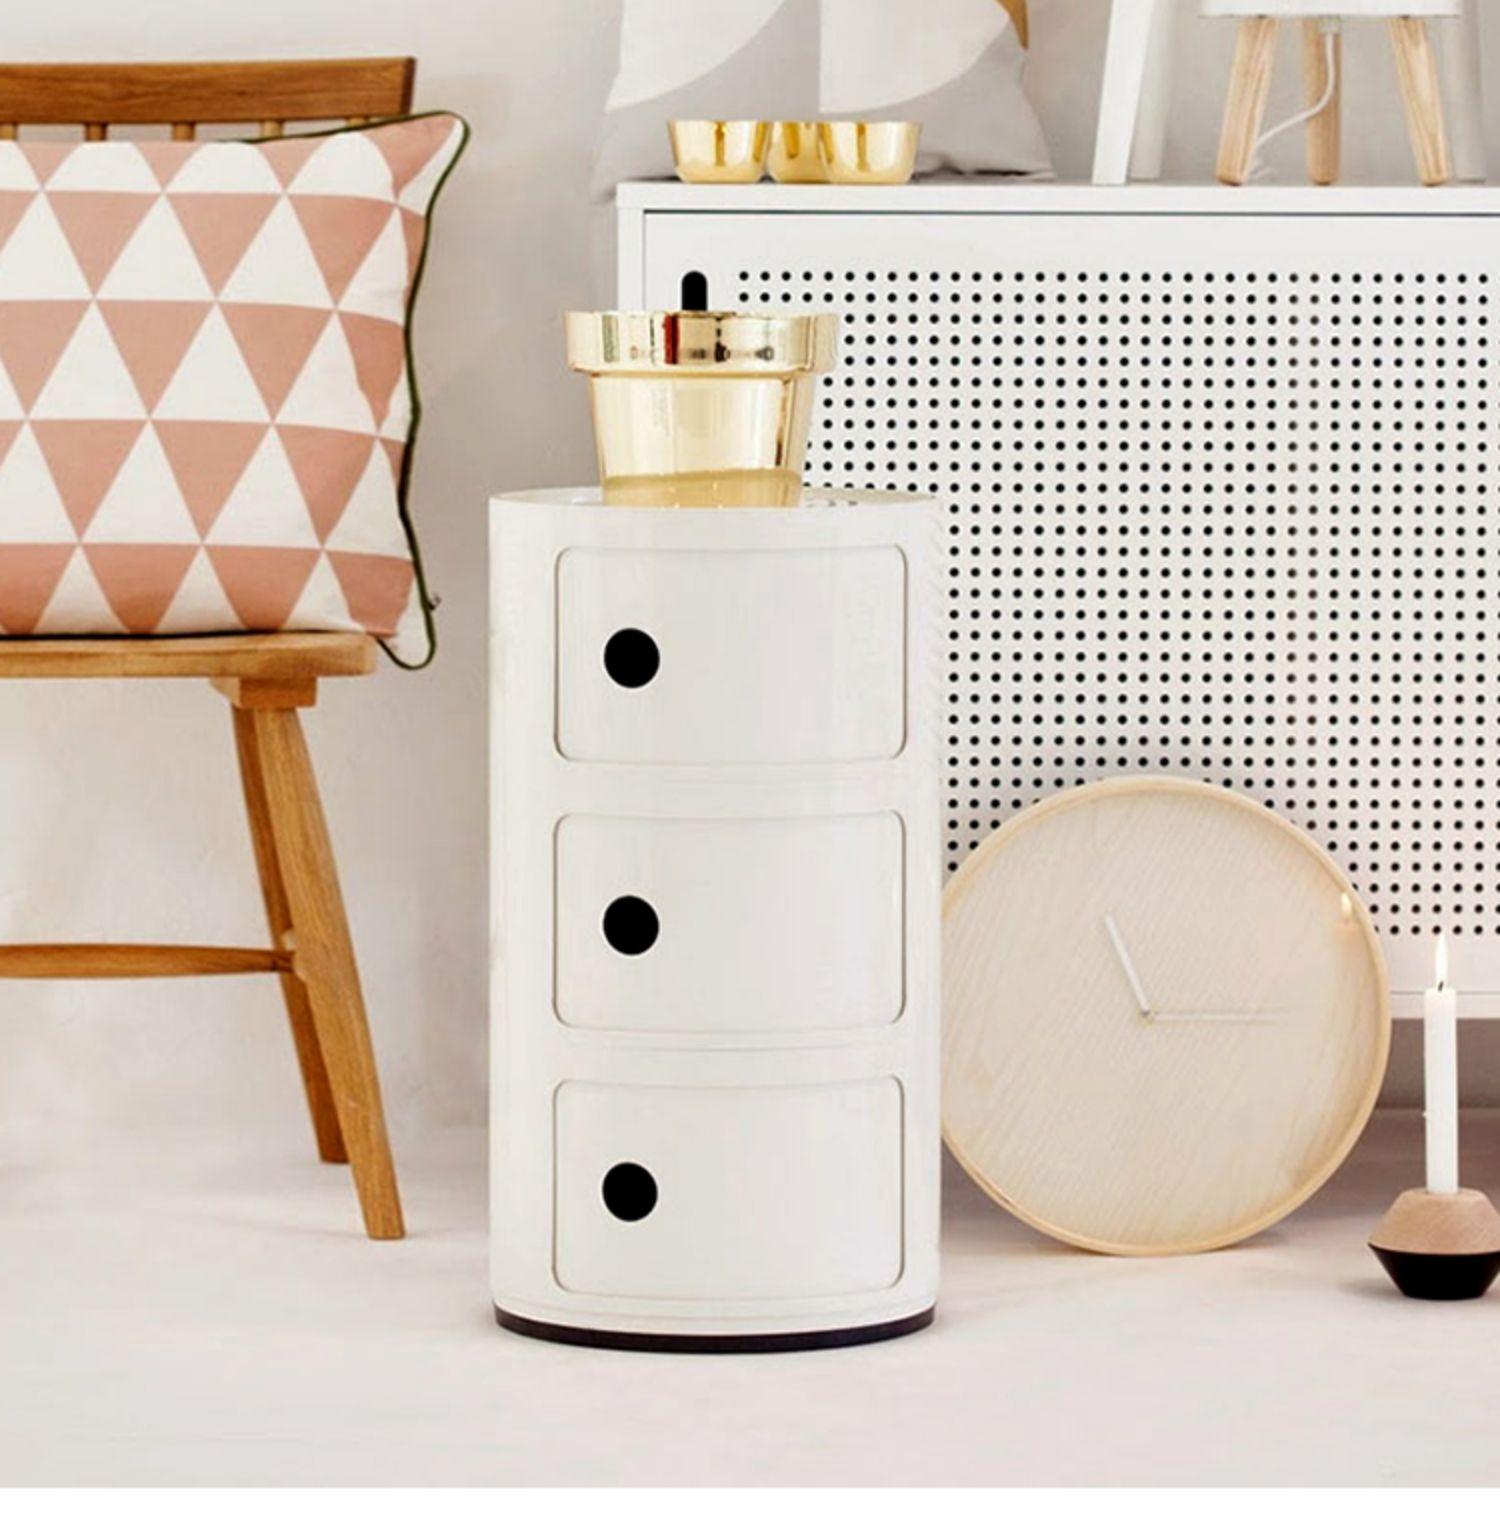 3 слоя Nordic АБС пластик детская прикроватная тумбочка ABC простой современный шкаф для хранения Творческий Многослойные журнальный столик - 4